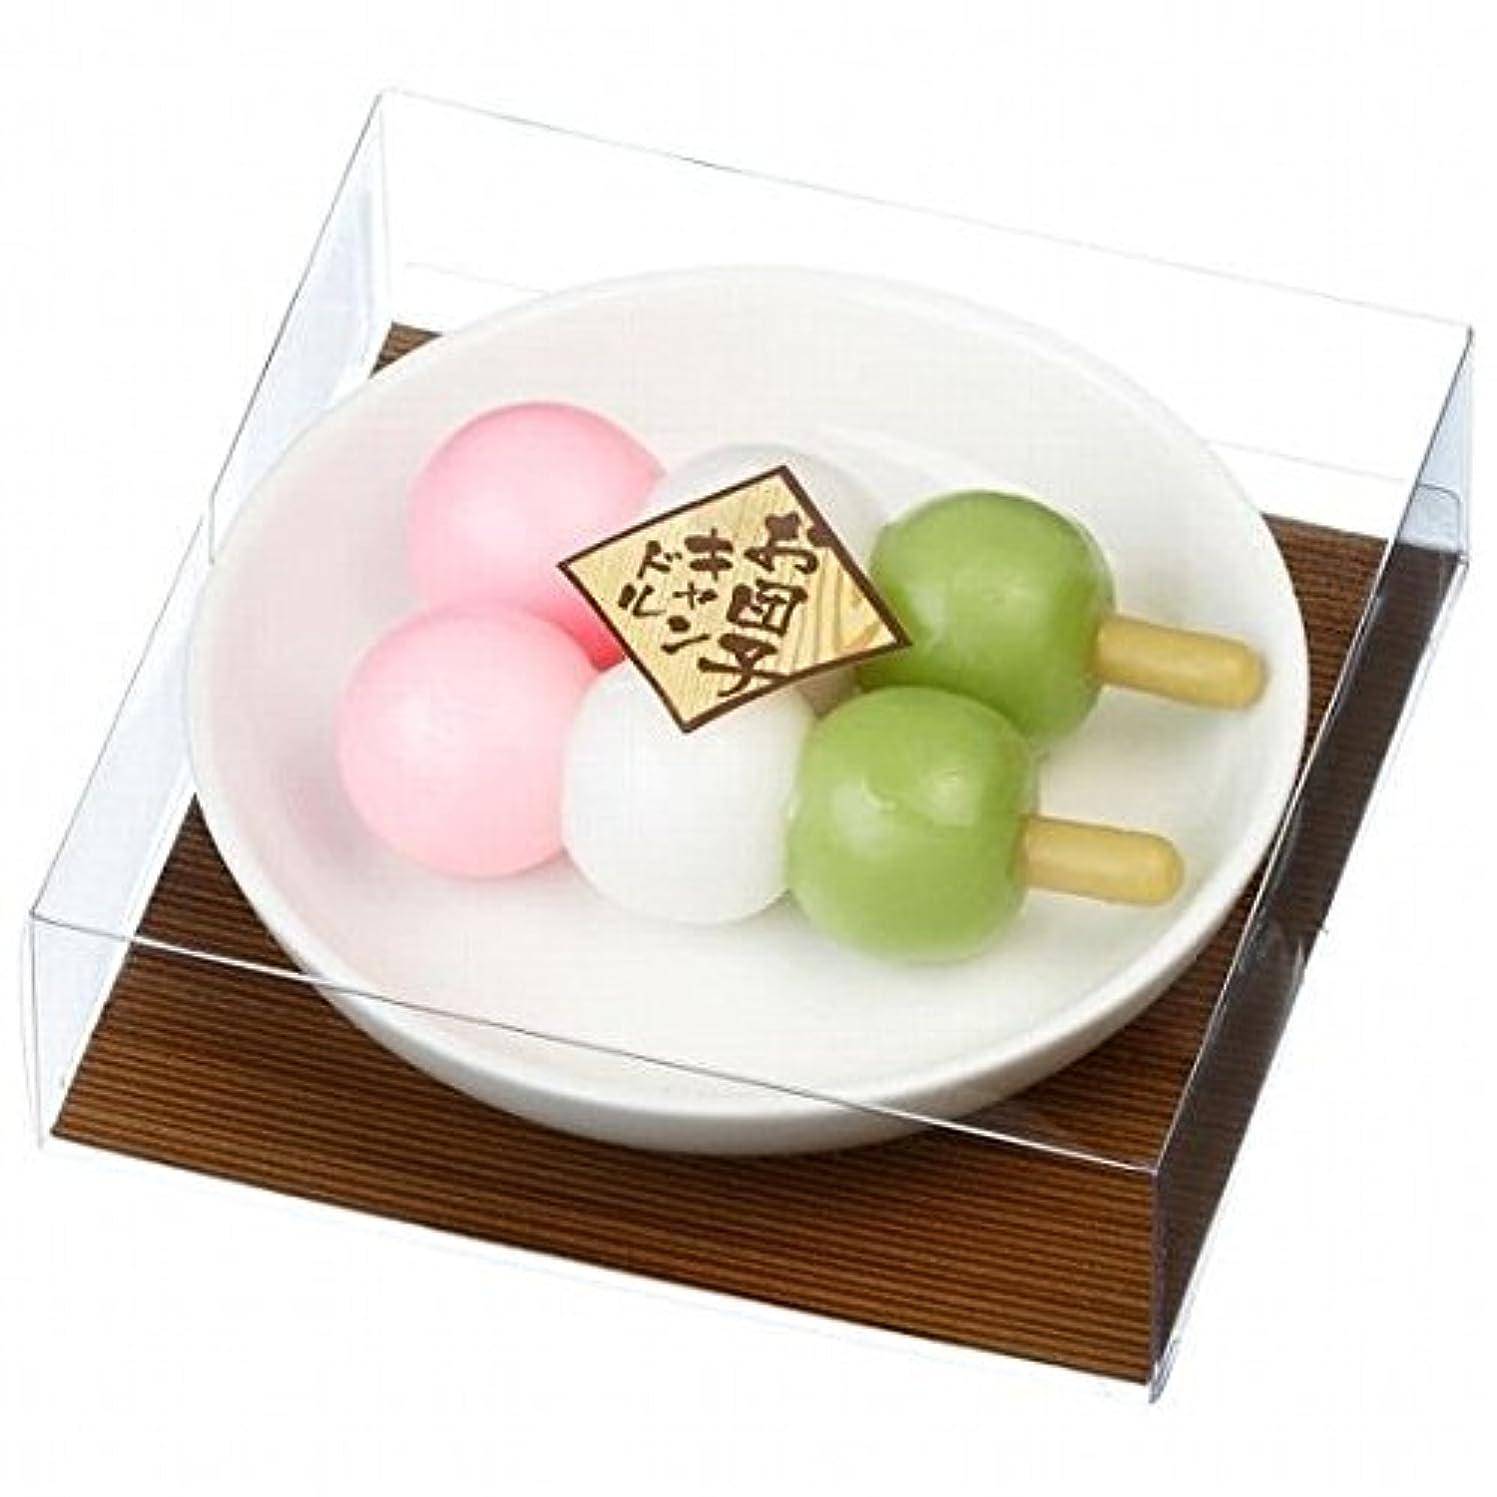 紳士気取りの、きざなダイエット壊すkameyama candle(カメヤマキャンドル) お団子キャンドル(86020000)